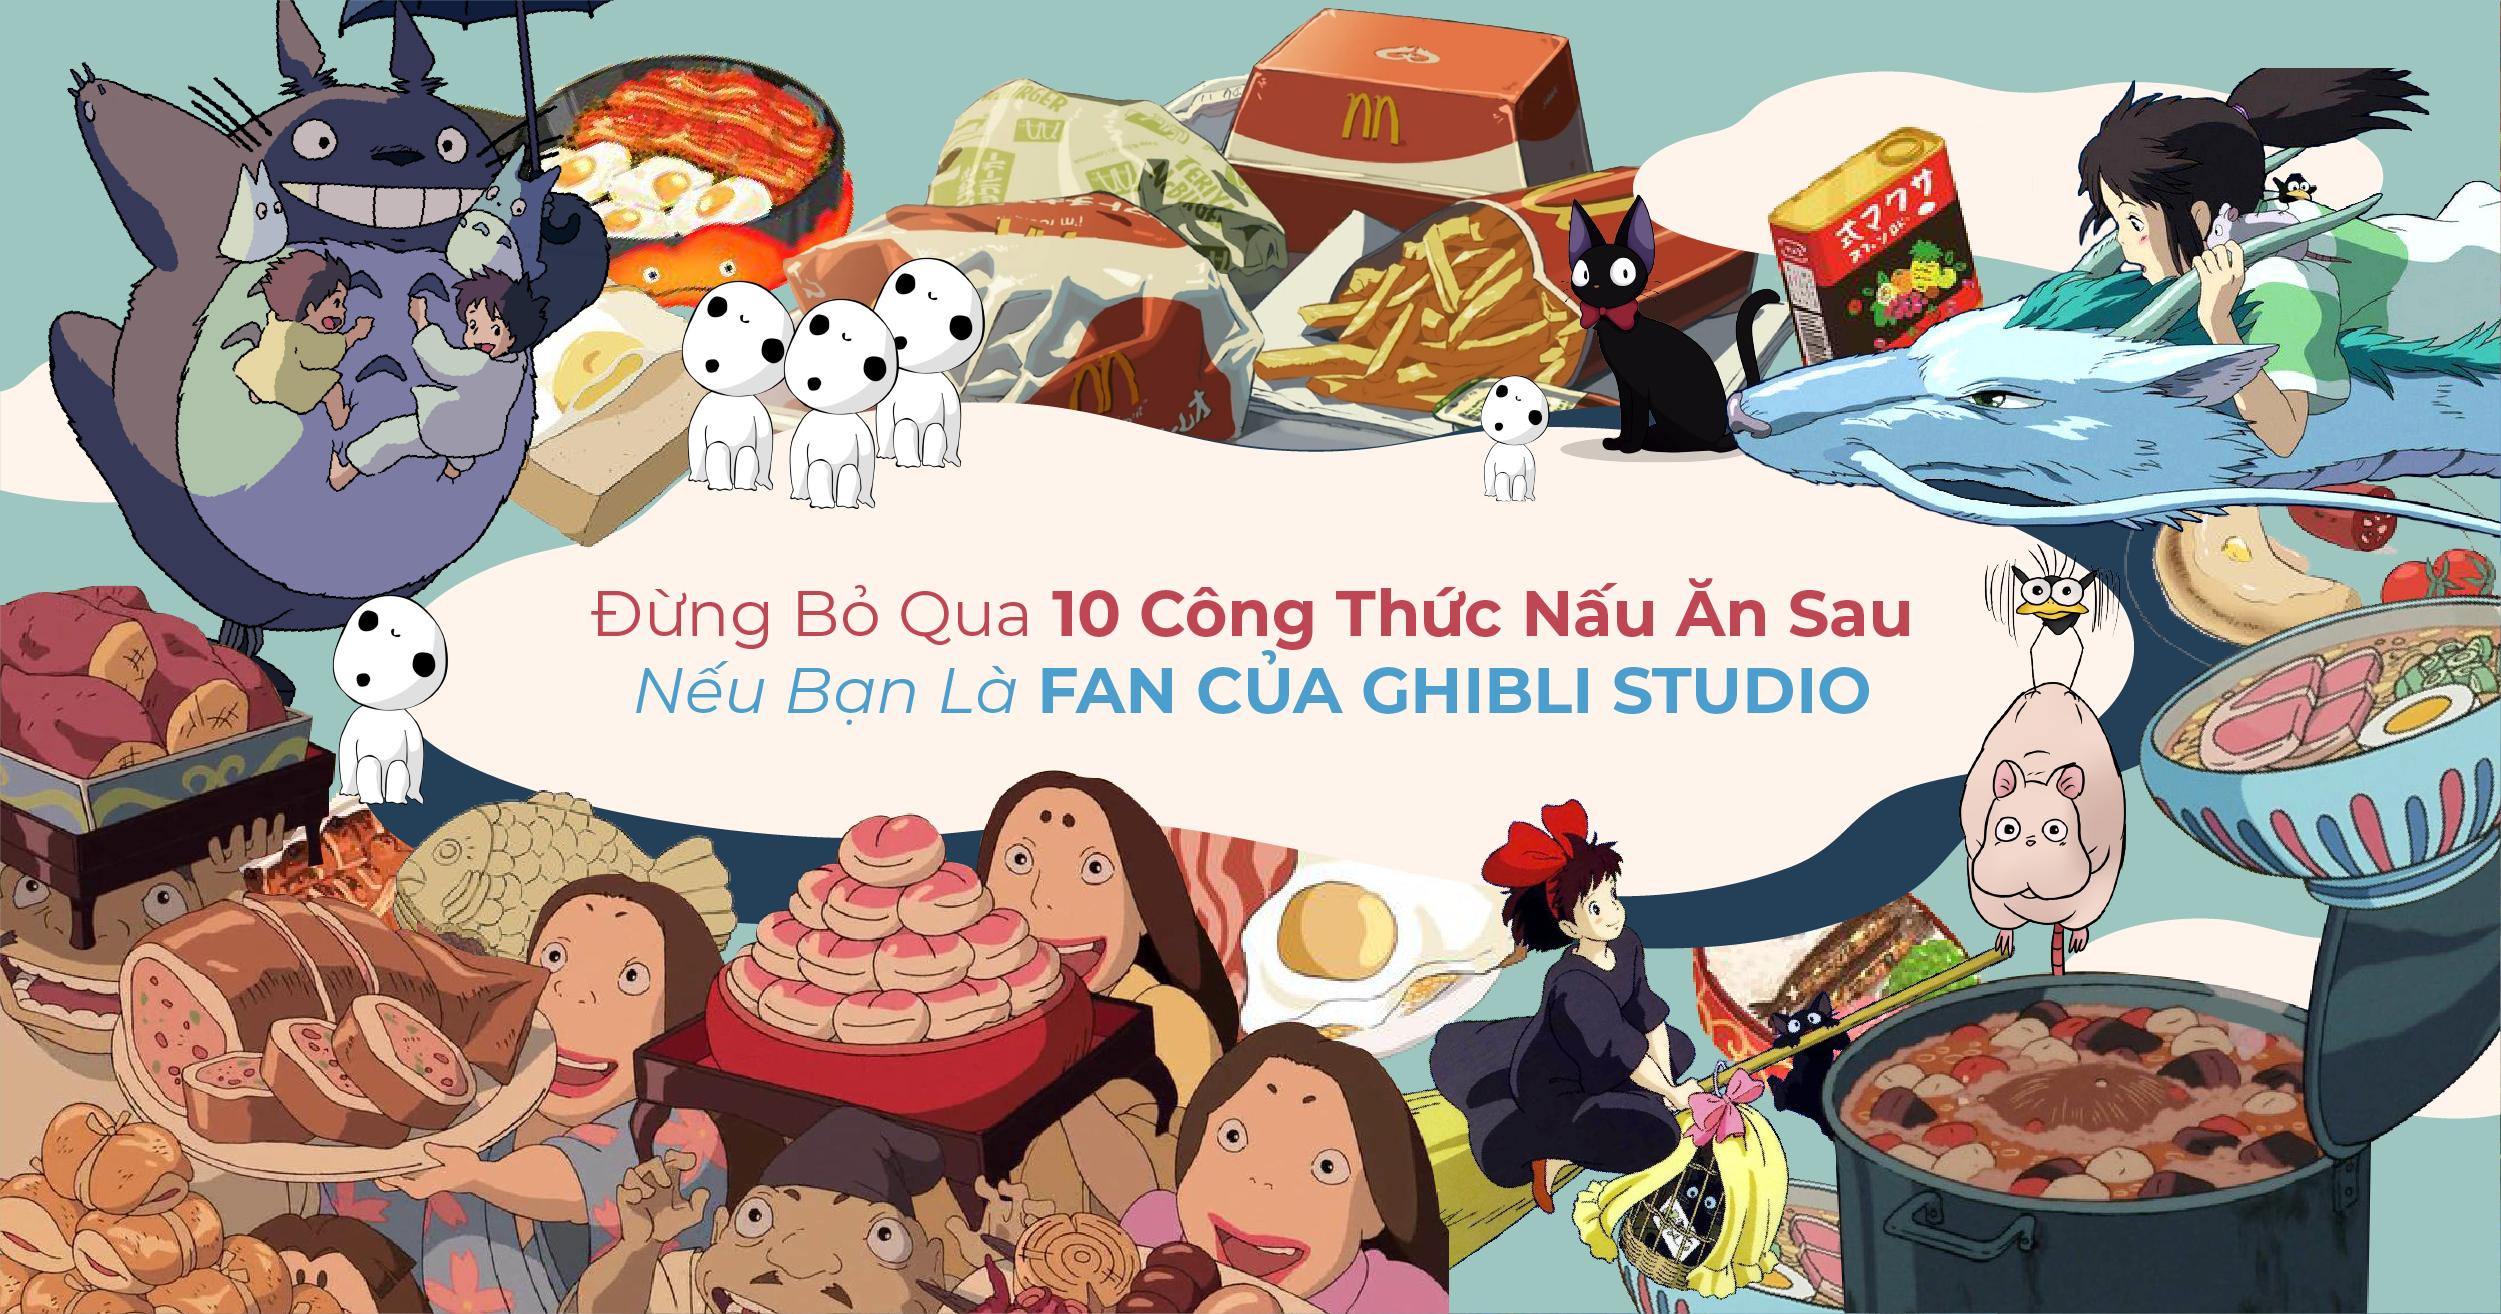 """""""Biến Hoá"""" Bữa Cơm Gia Đình Với 10 Món Ăn Trong Anime Ghibli"""